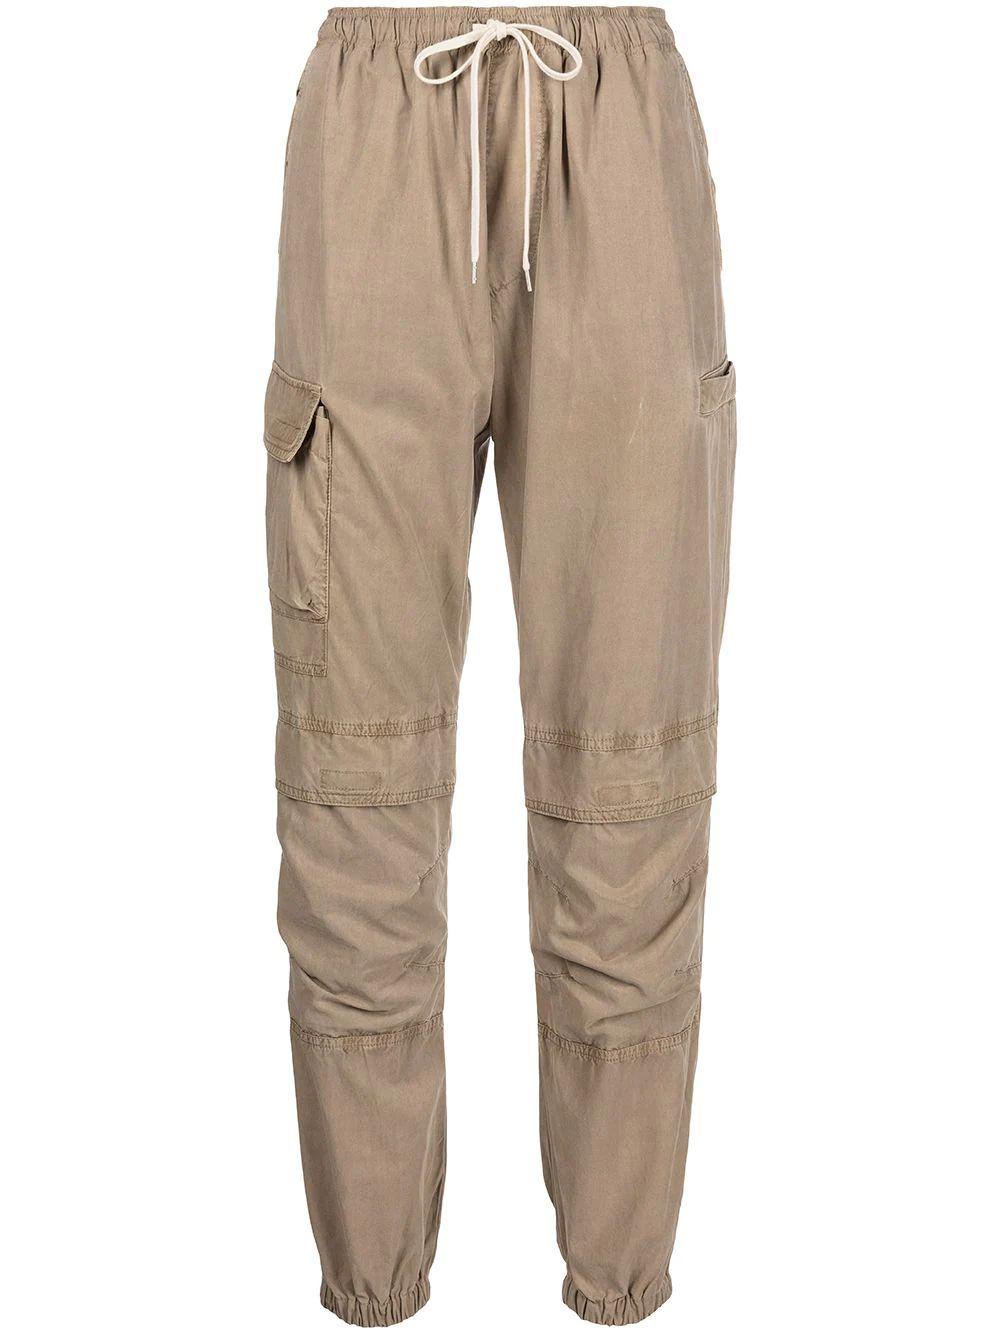 Cotton Himalayan Pants Item # WF043H46523A